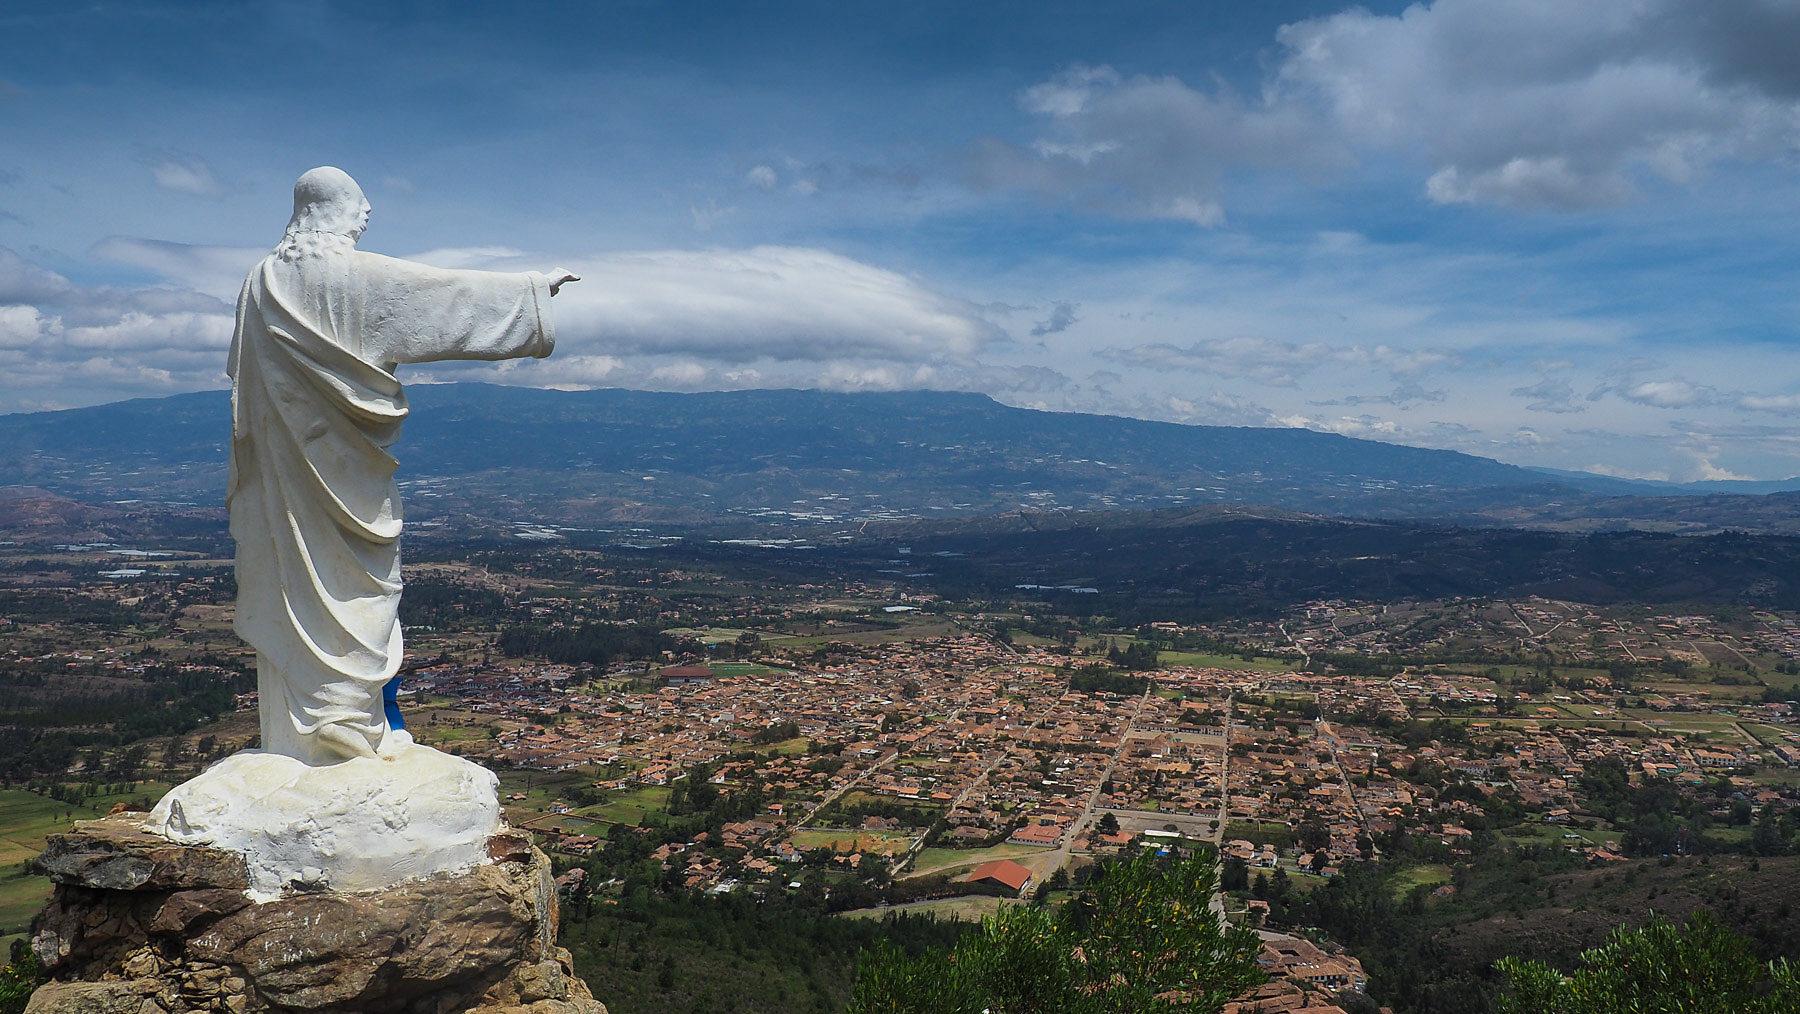 Nach sehr anstrengendem Aufstieg, Blick auf Villa de Leyva vom Mirador auf 2470 m Höhe